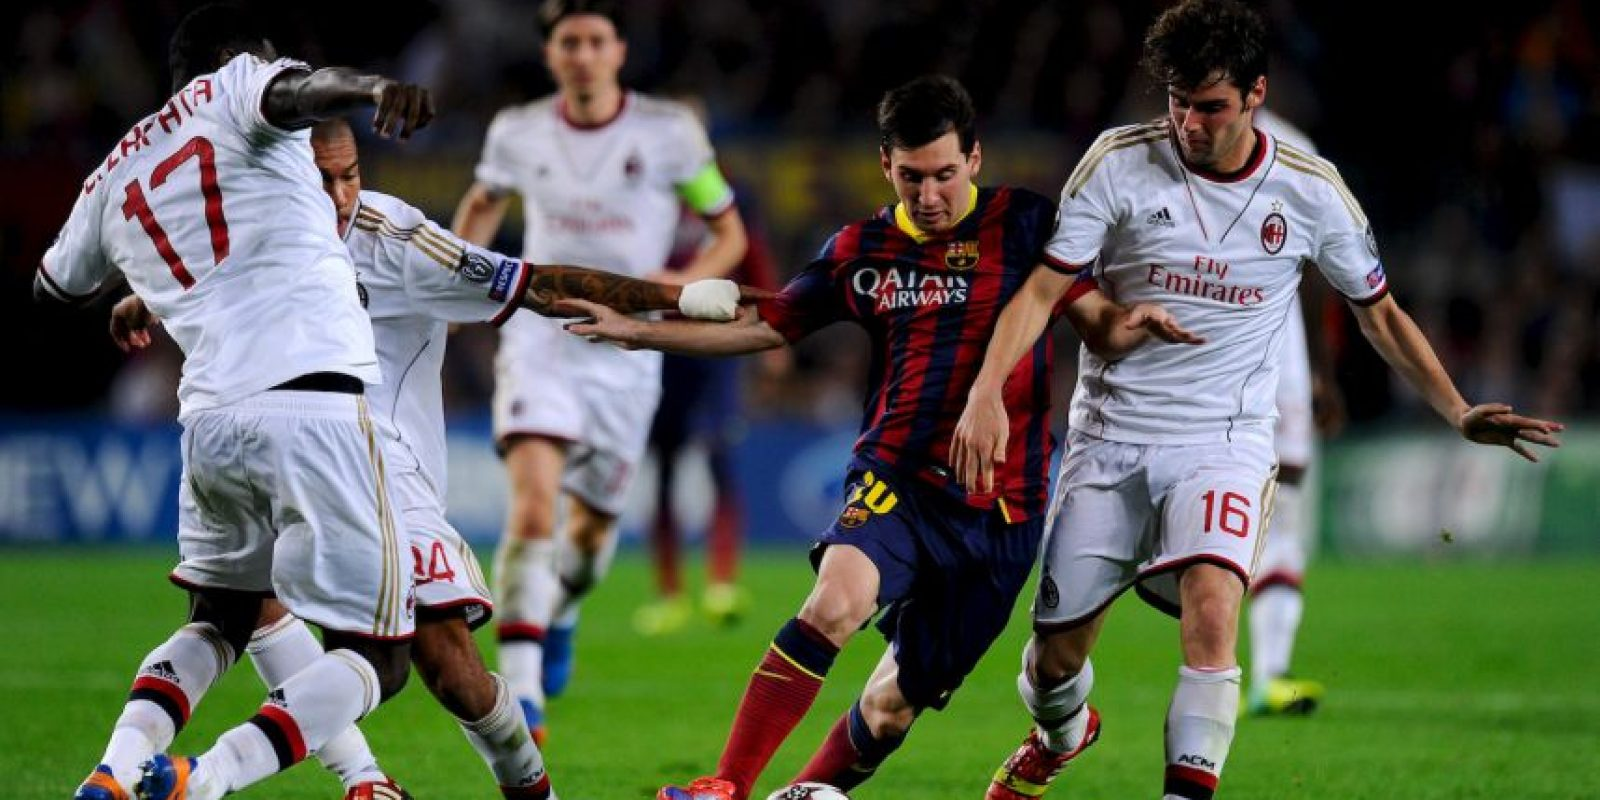 En los octavos de la Champions de la temporada 2012-2013, Barça cayó 2-0 con Milán, en San Siro Foto:Getty Images